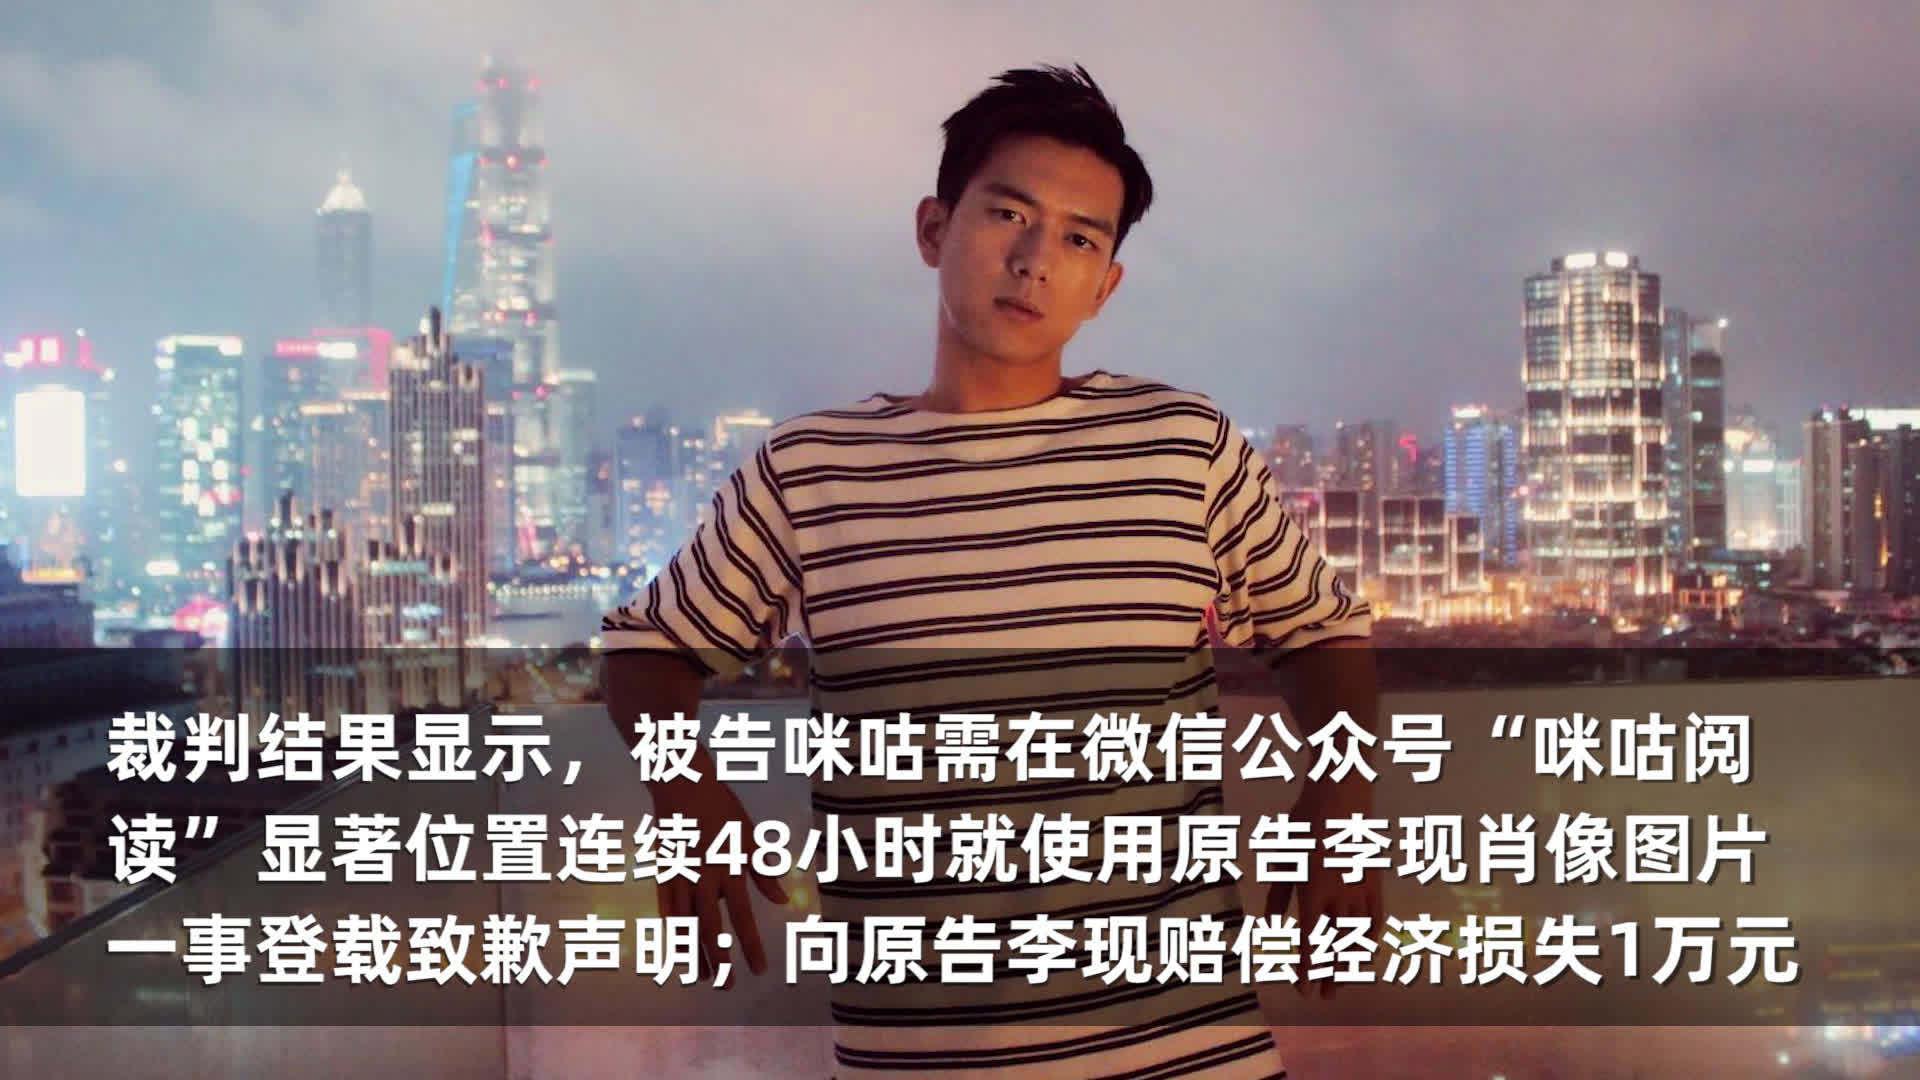 李现状告咪咕阅读侵犯肖像权 法院判定后者赔偿10000元!